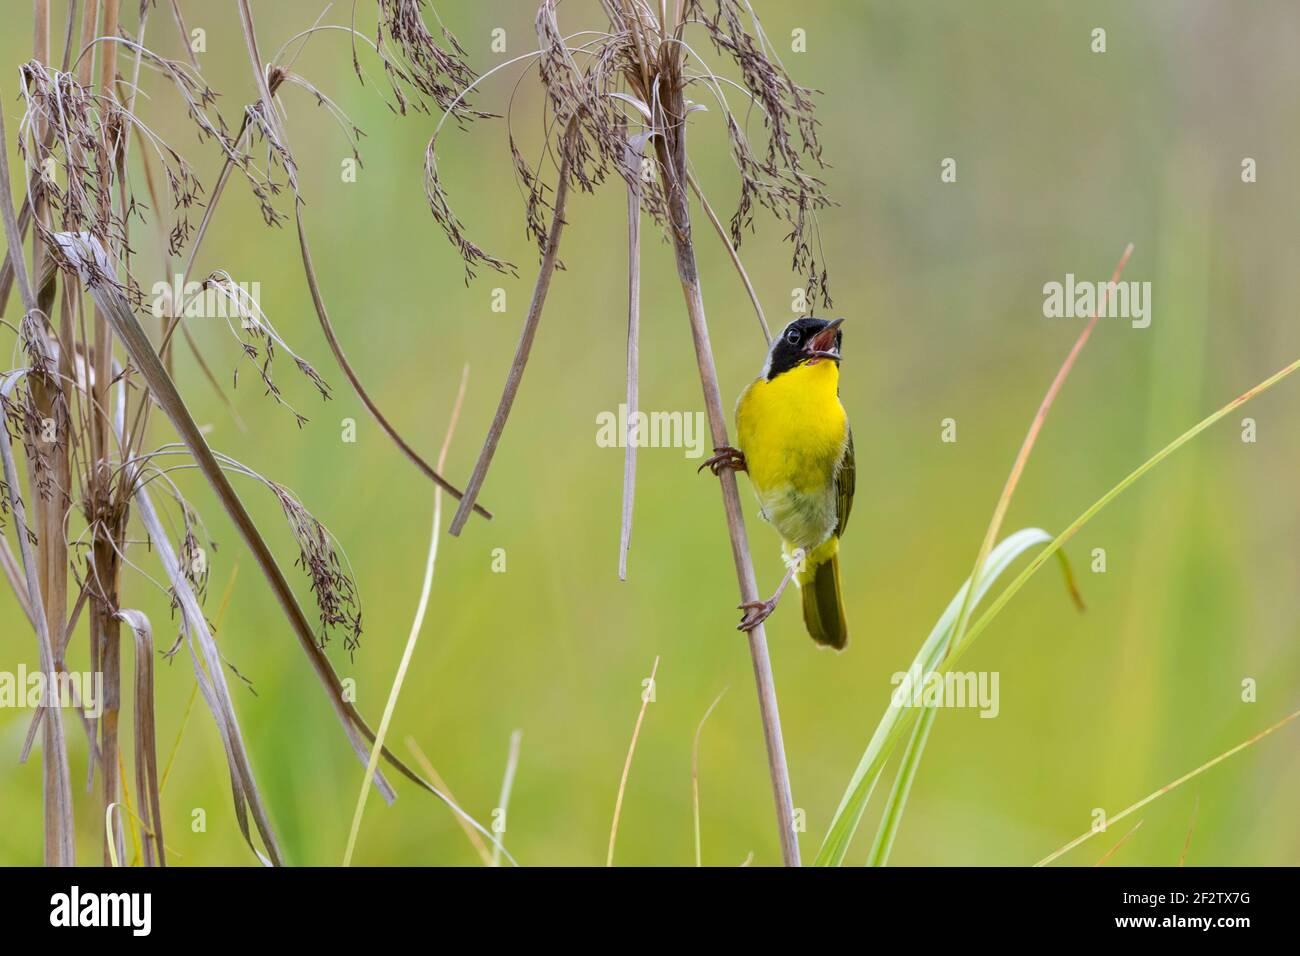 01490-00407 común Yellowthroat (Geothlypis trichas) macho cantando en la pradera Marion Co. IL Foto de stock